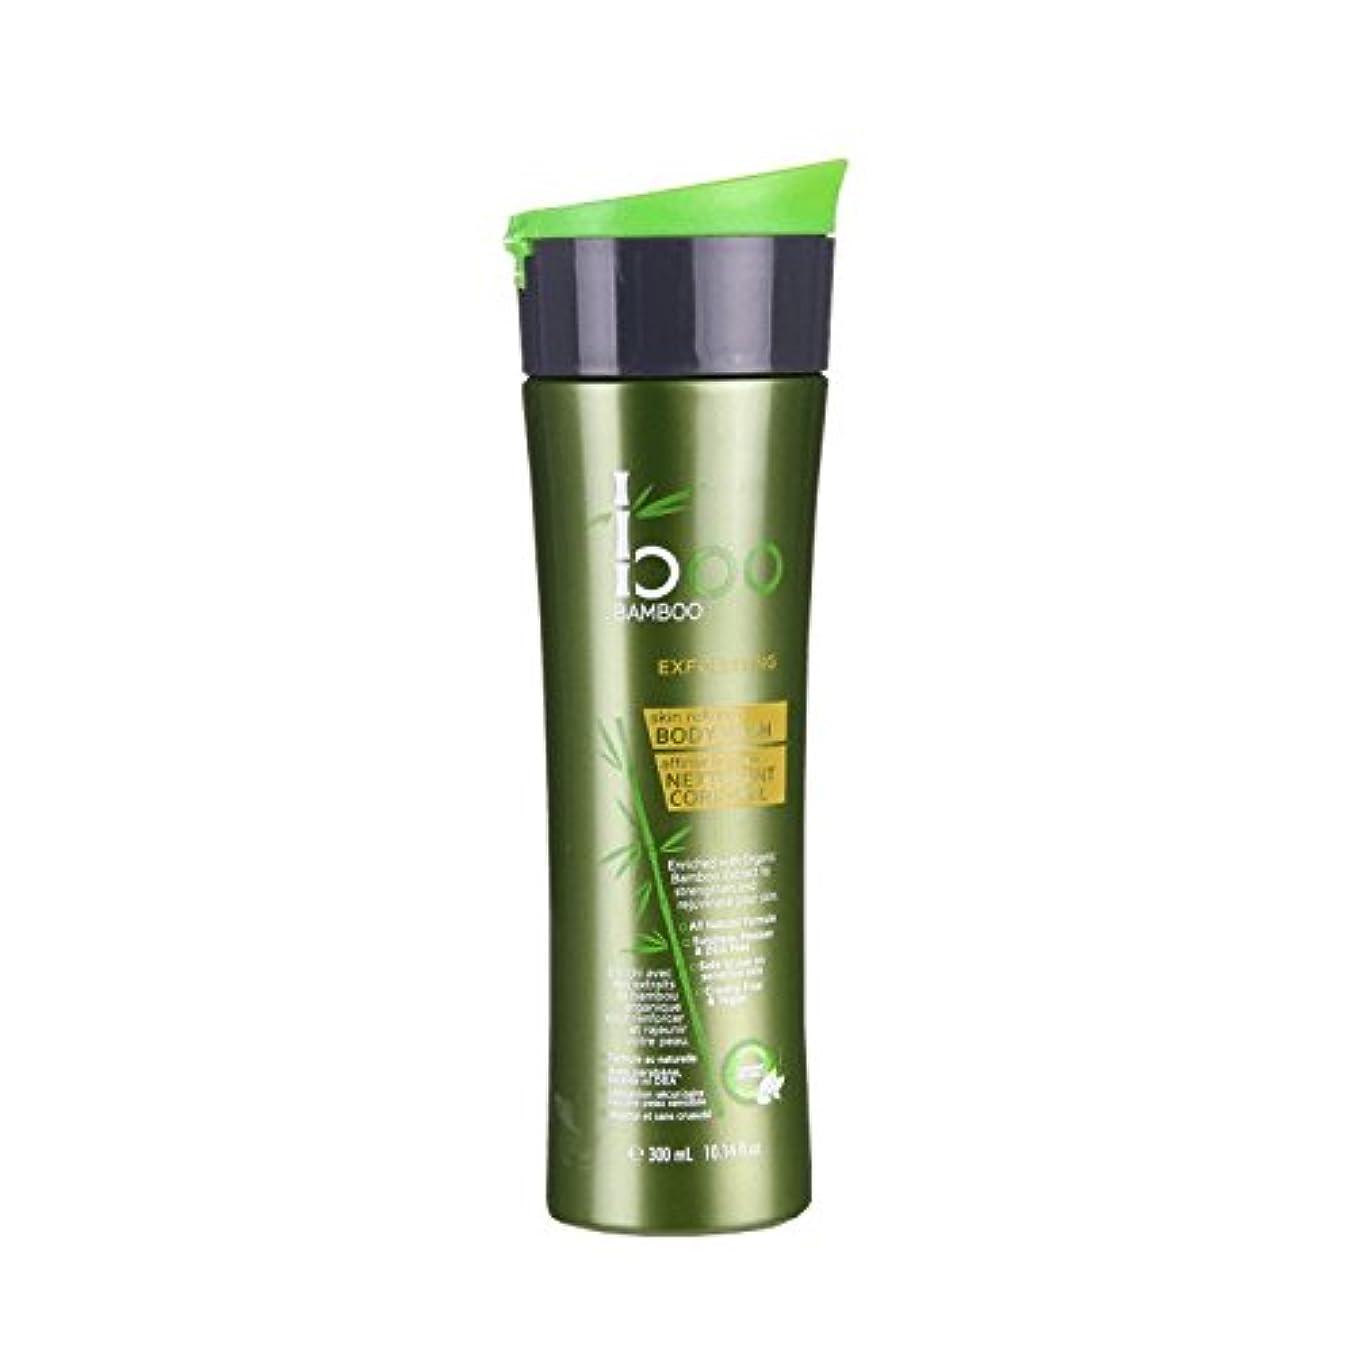 小石飛ぶスリラーBoo Bamboo Exfoliating Body Wash 300ml (Pack of 6) - 竹ピーリングボディウォッシュ300ミリリットルブーイング (x6) [並行輸入品]